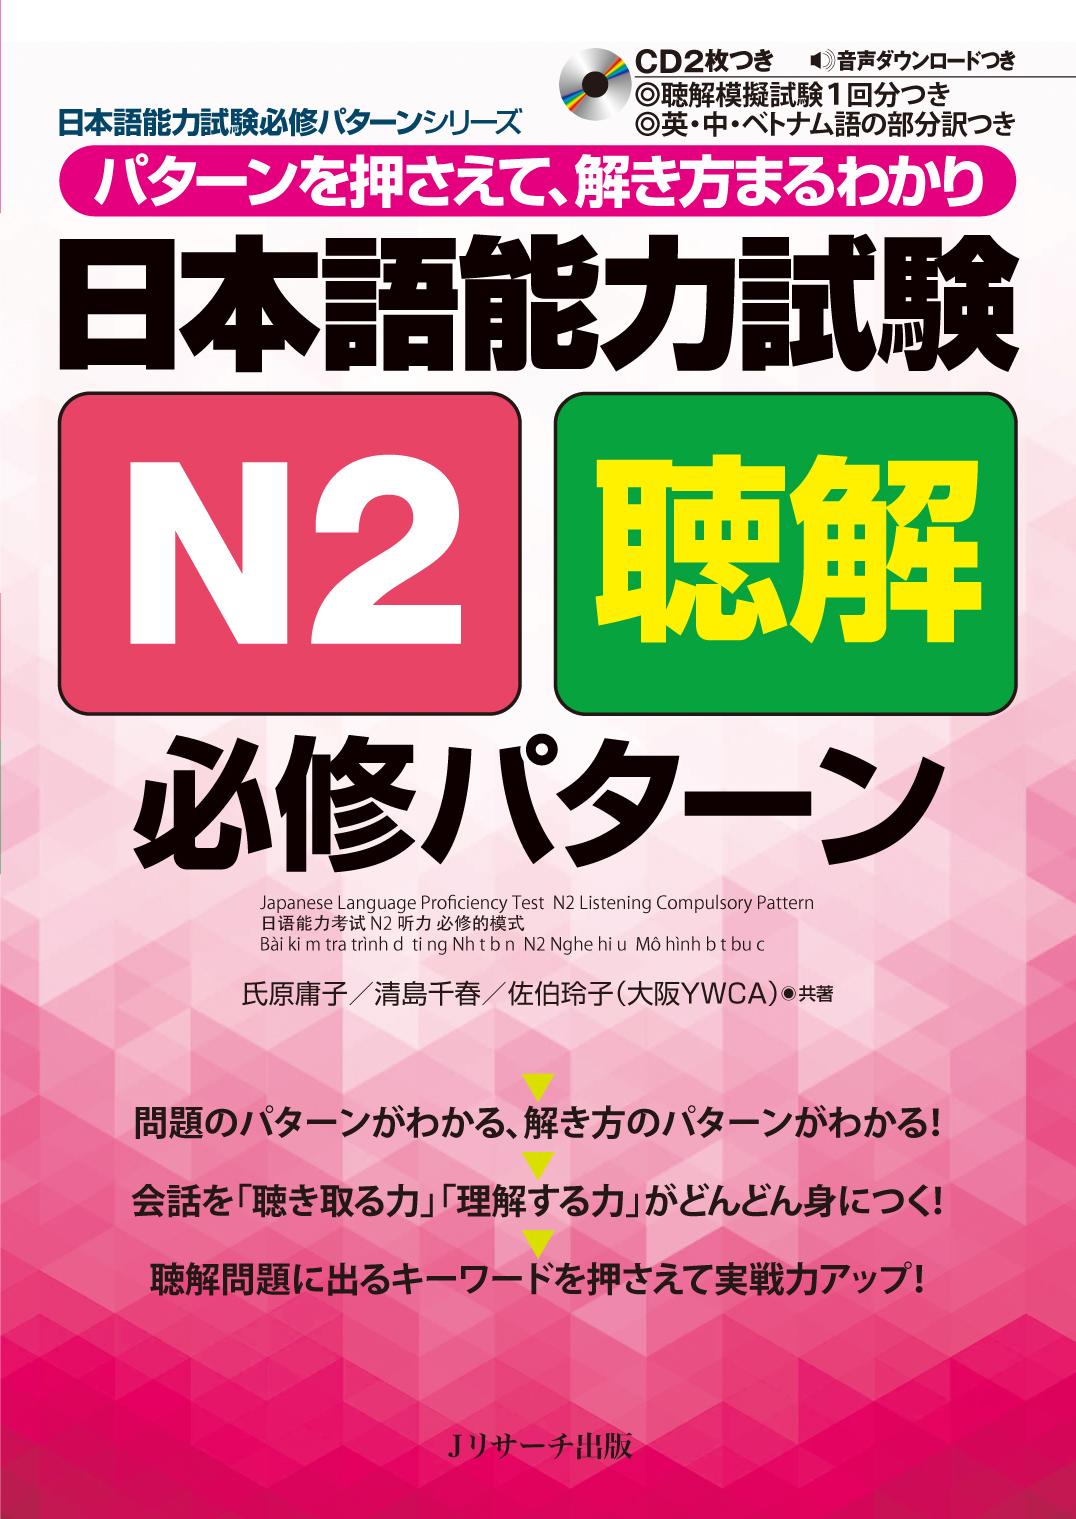 日本語能力試験 N2聴解 必修パターン画像